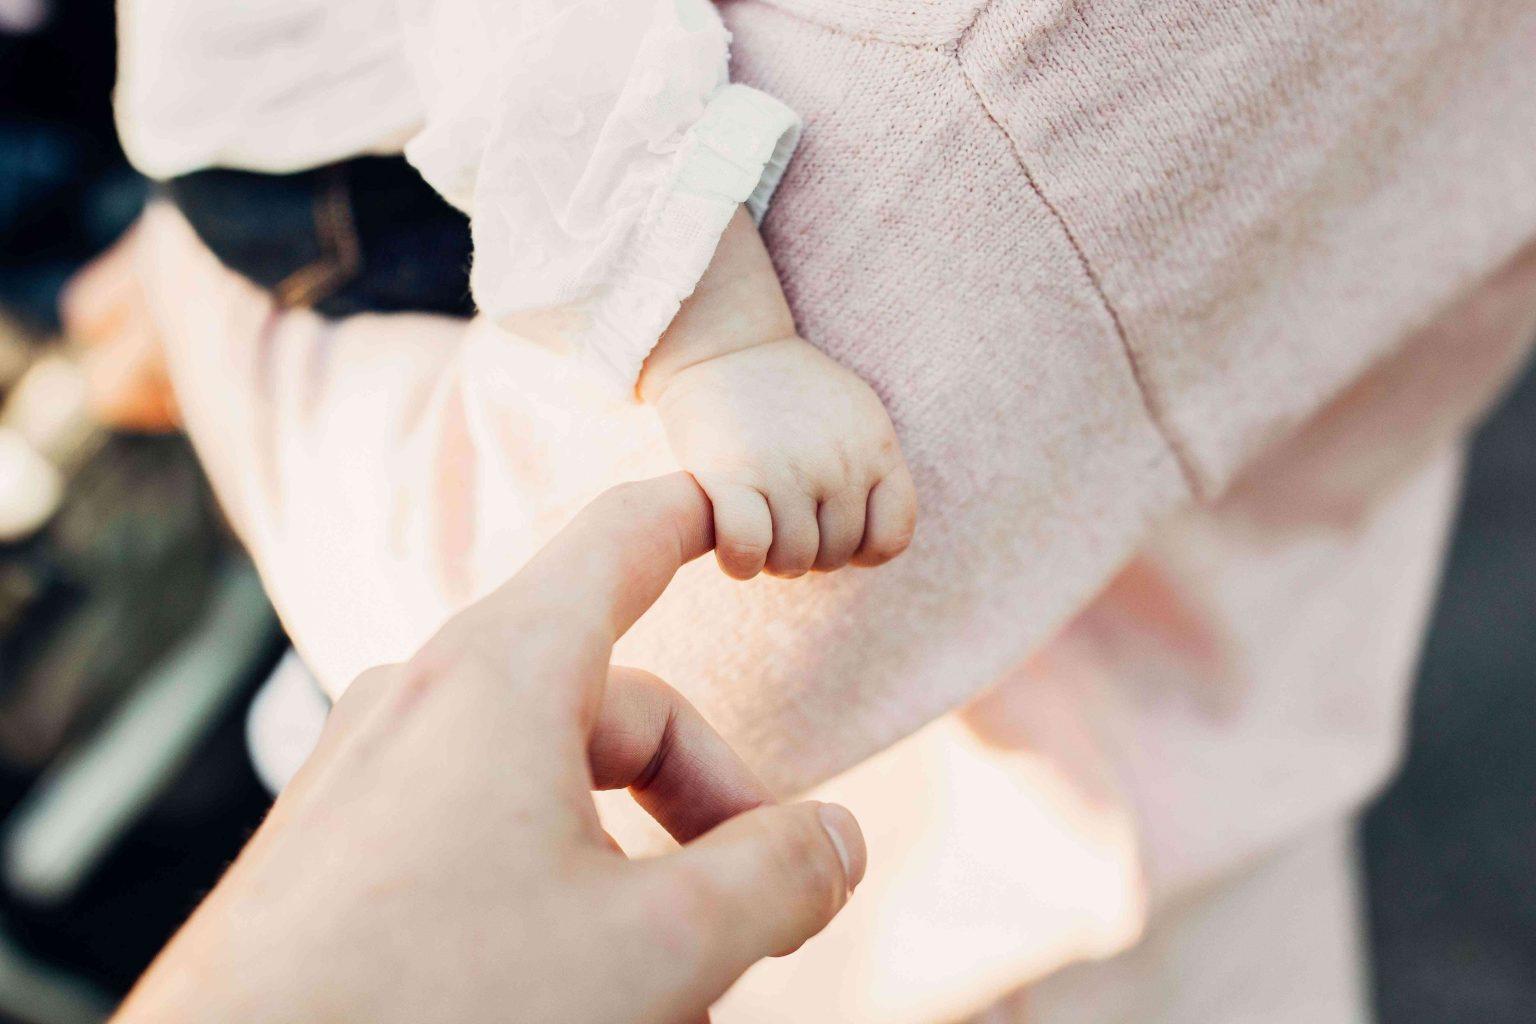 easy-bond-with-baby-teachworkoutlove.com